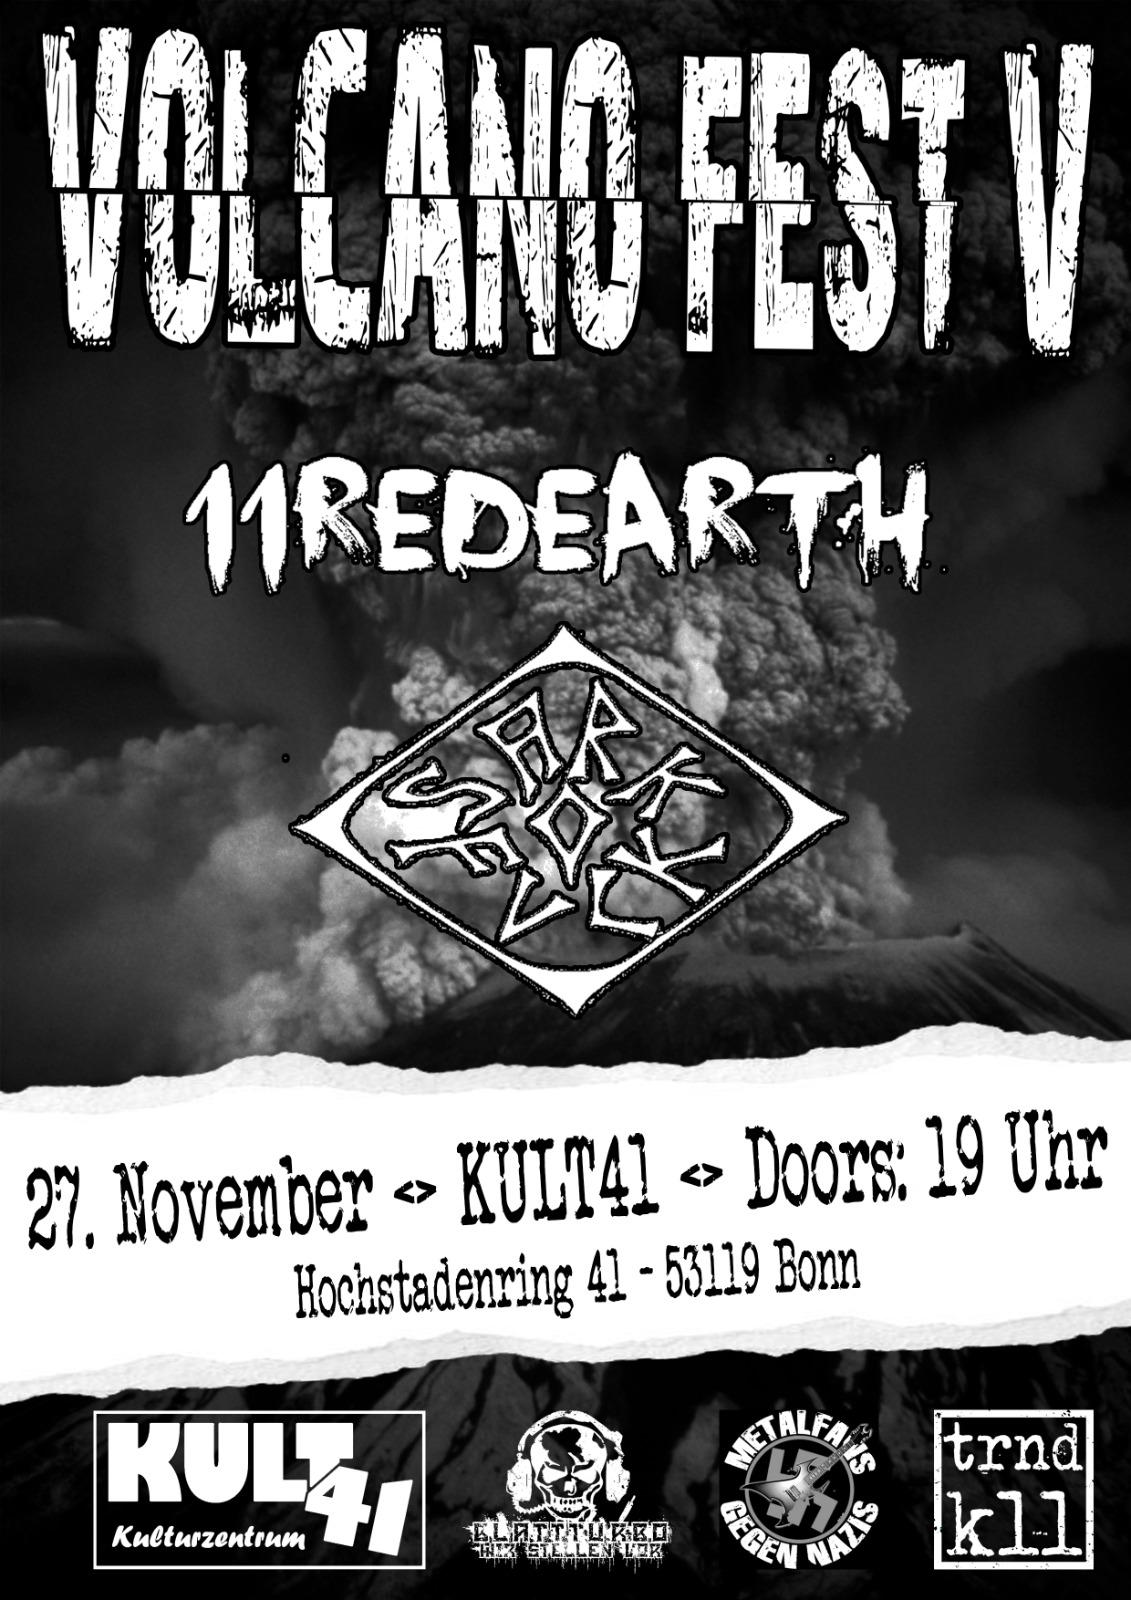 Volcano Fest